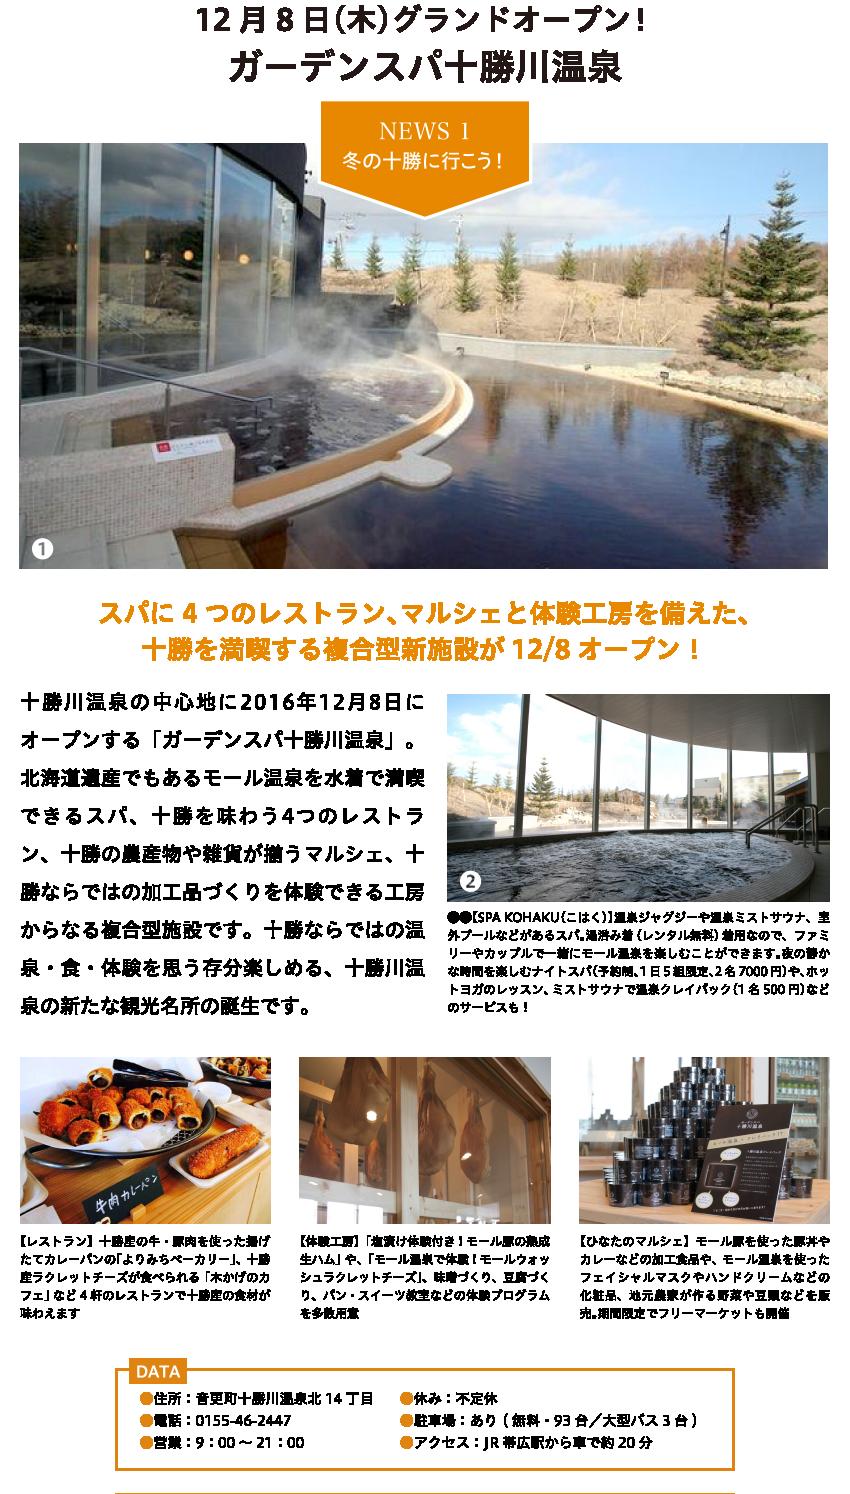 12月8日(木)グランドオープン!ガーデンスパ十勝川温泉